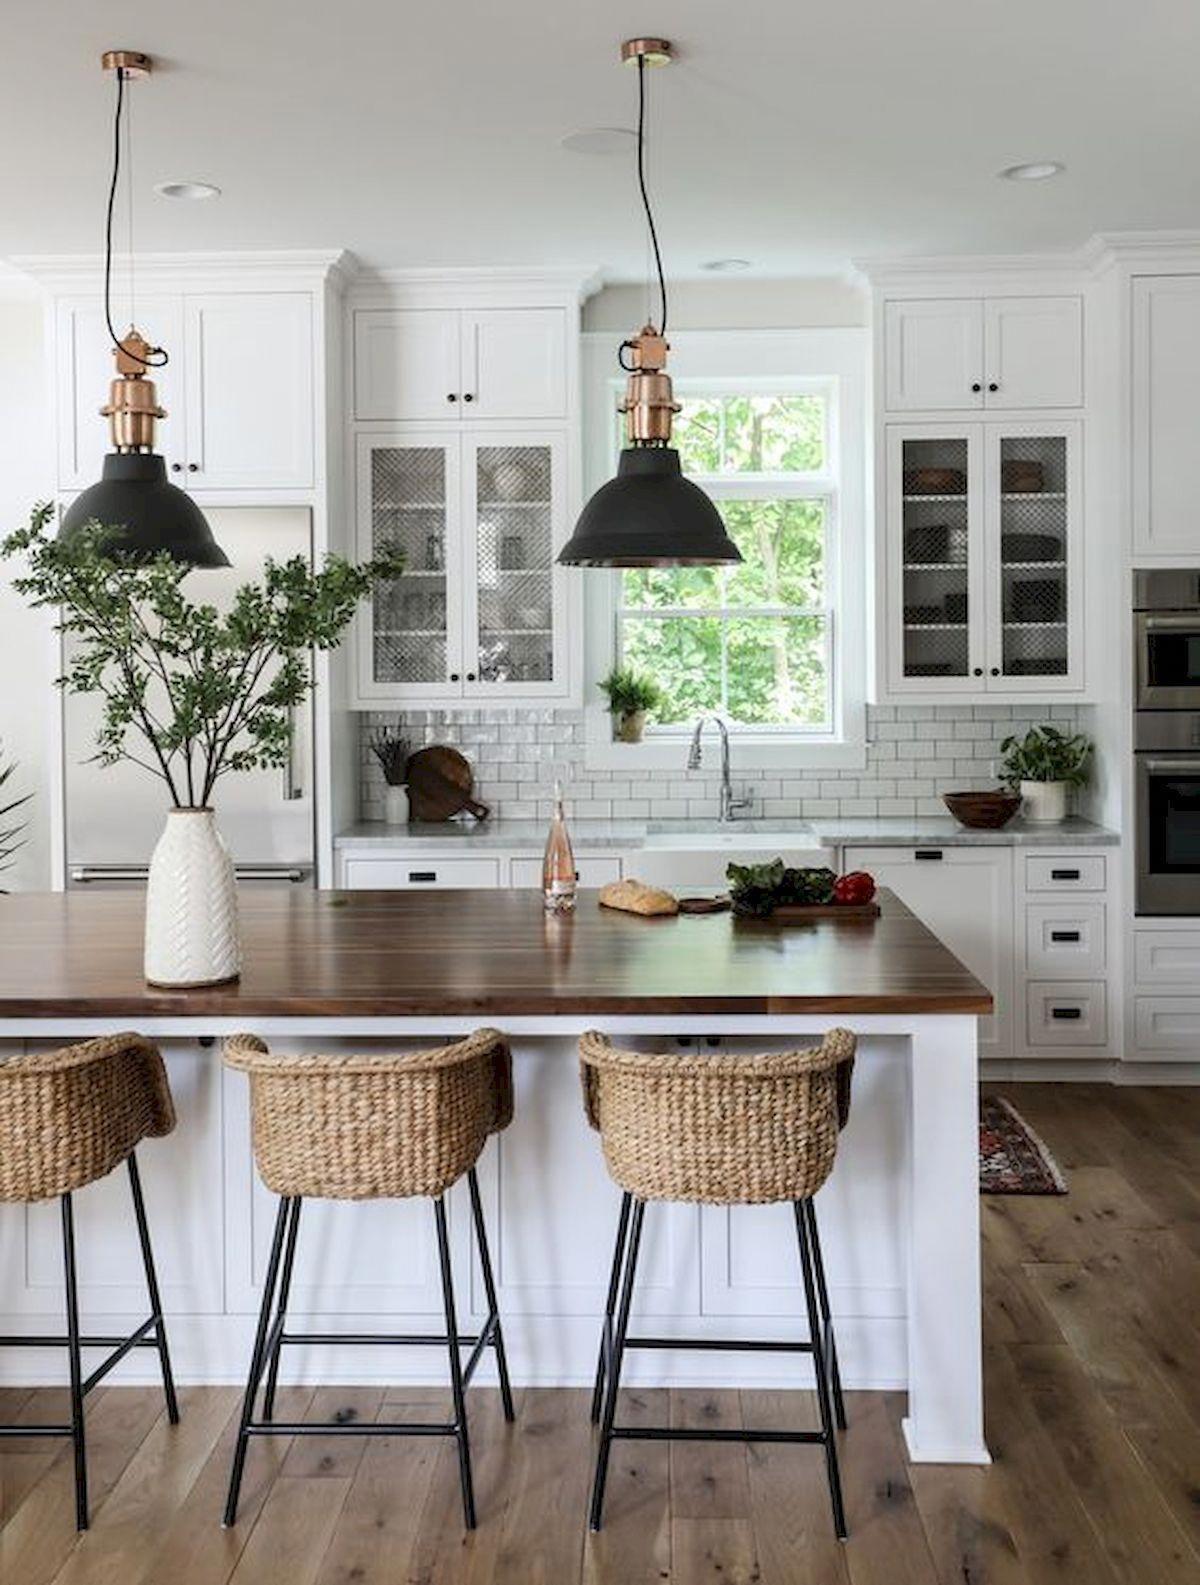 Modern Black And White Kitchen Accessories